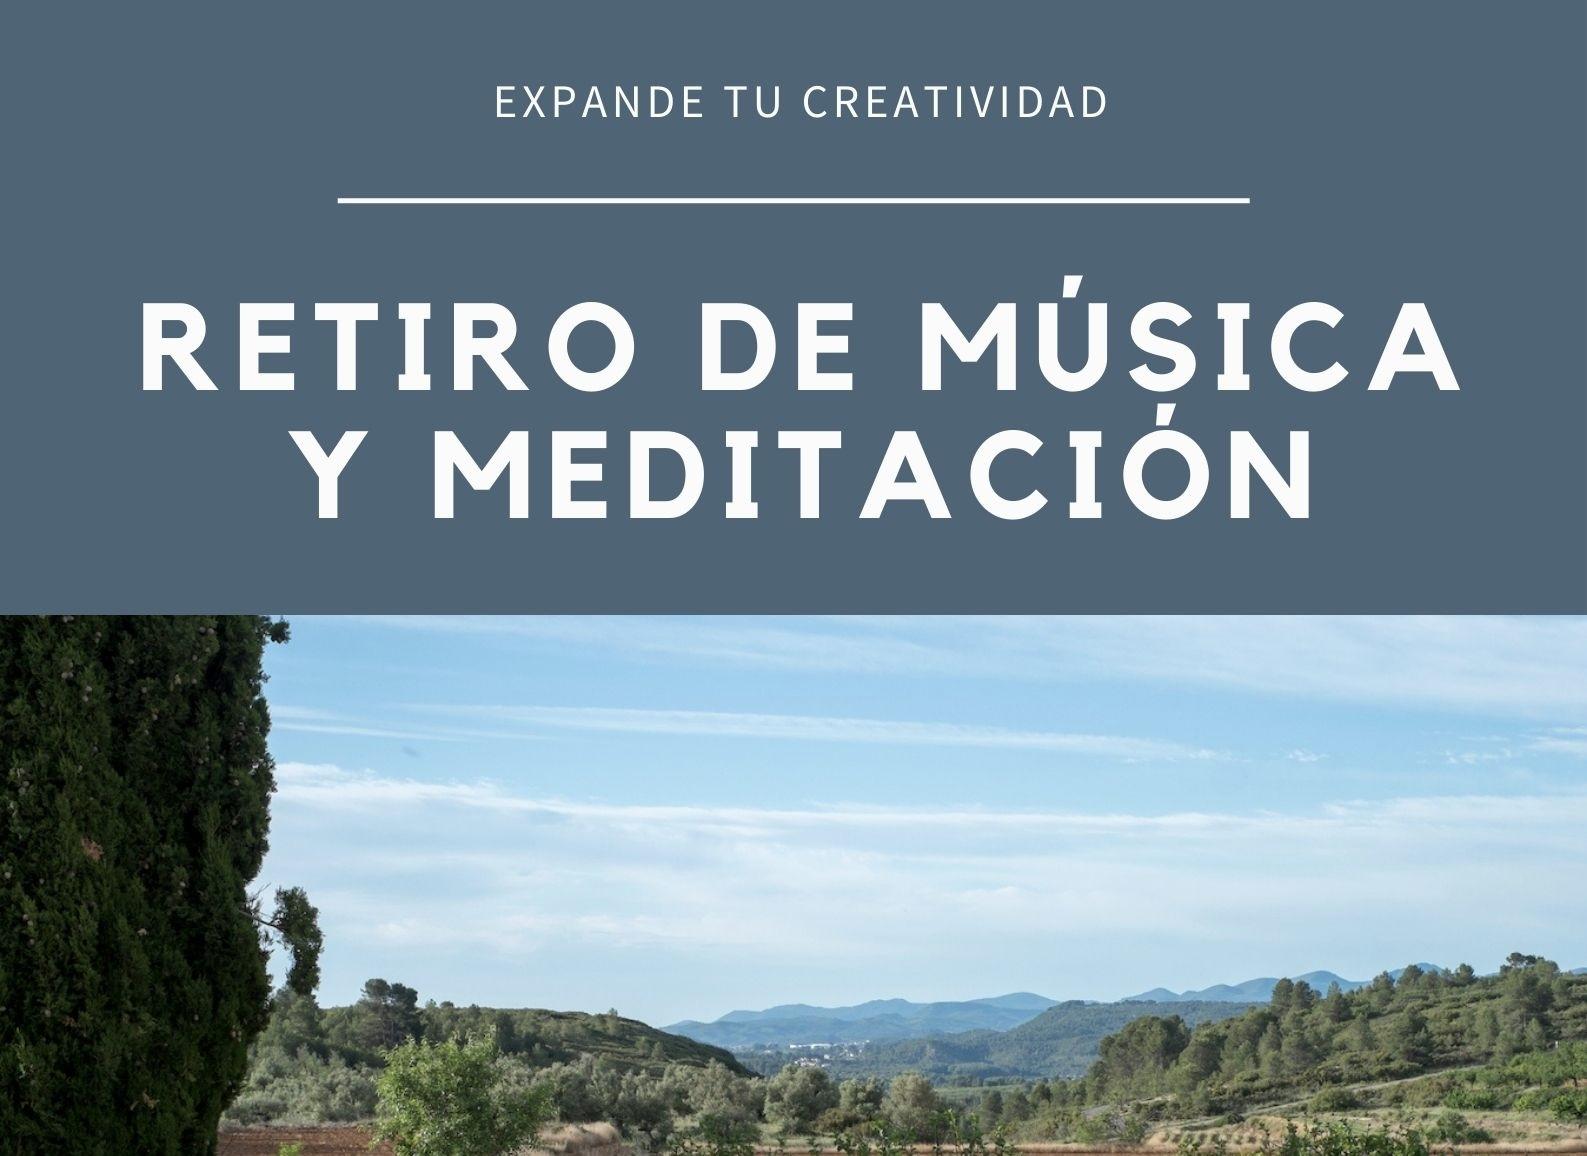 RETIRO DE MÚSICA Y MEDITACIÓN